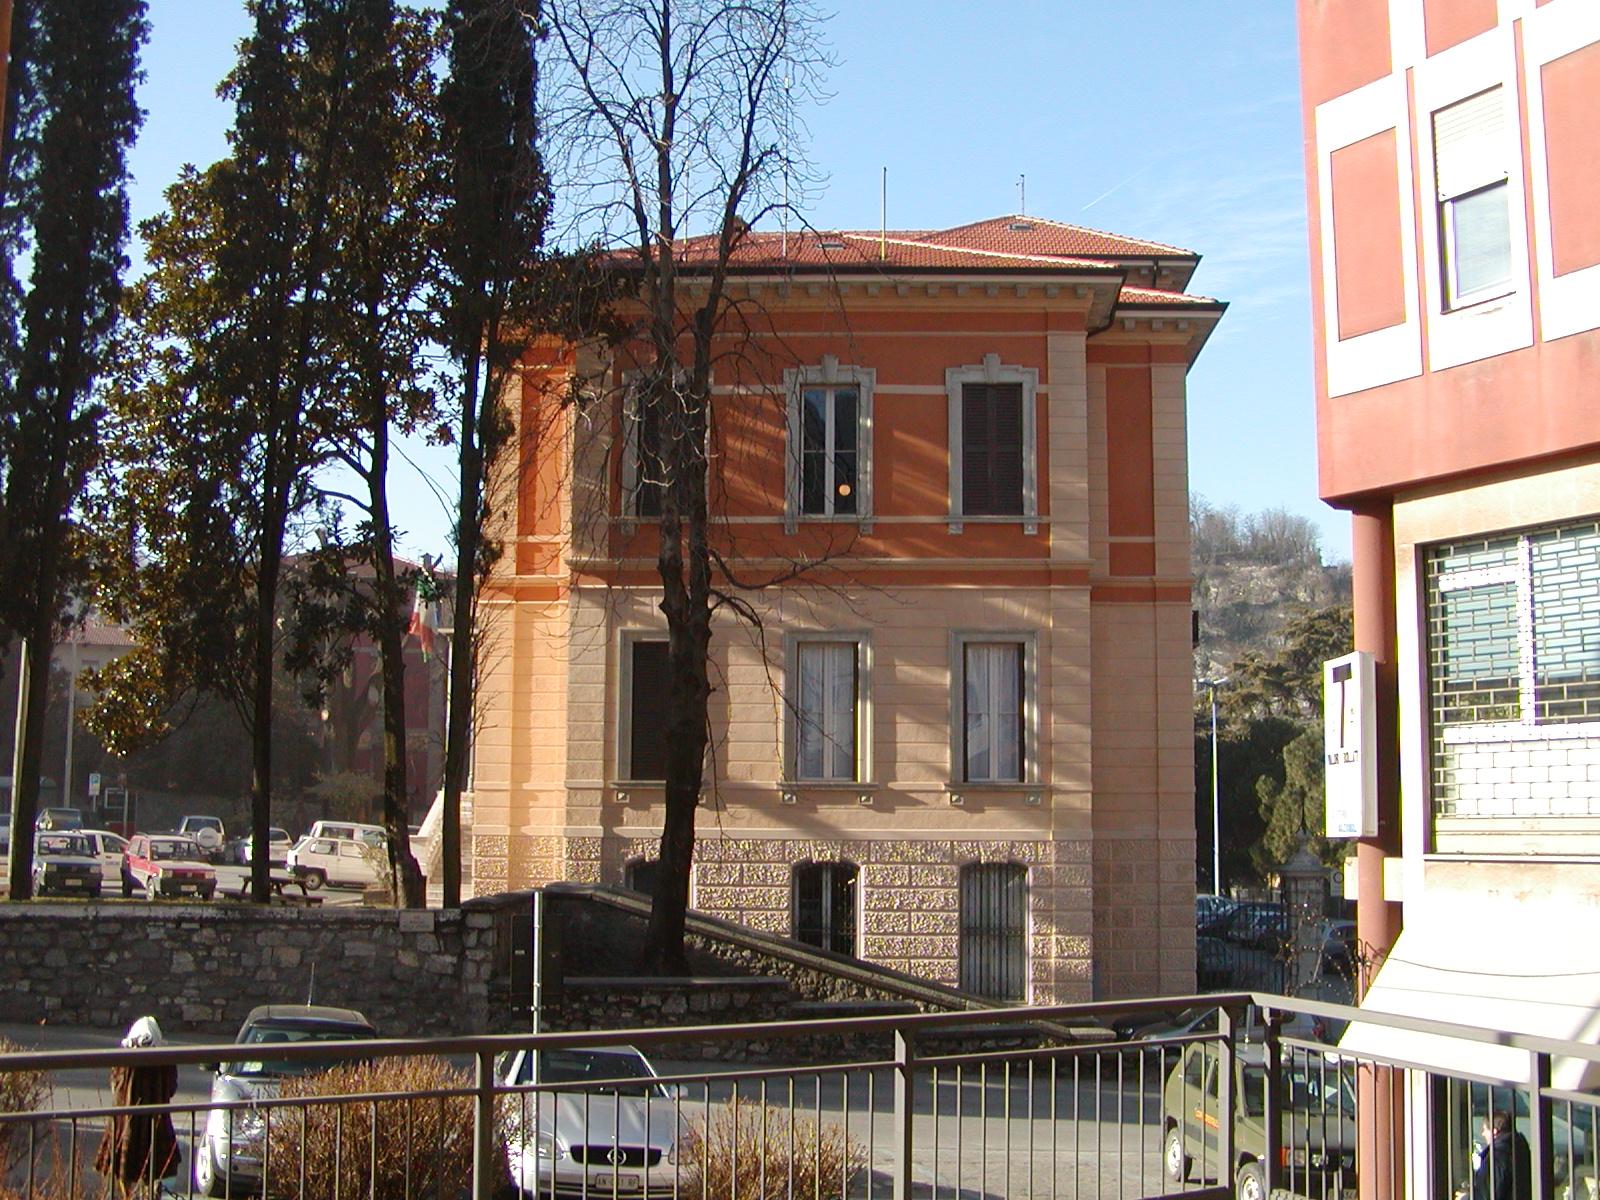 Studio-di-architettura-Baisotti-Sigala-prgetti191